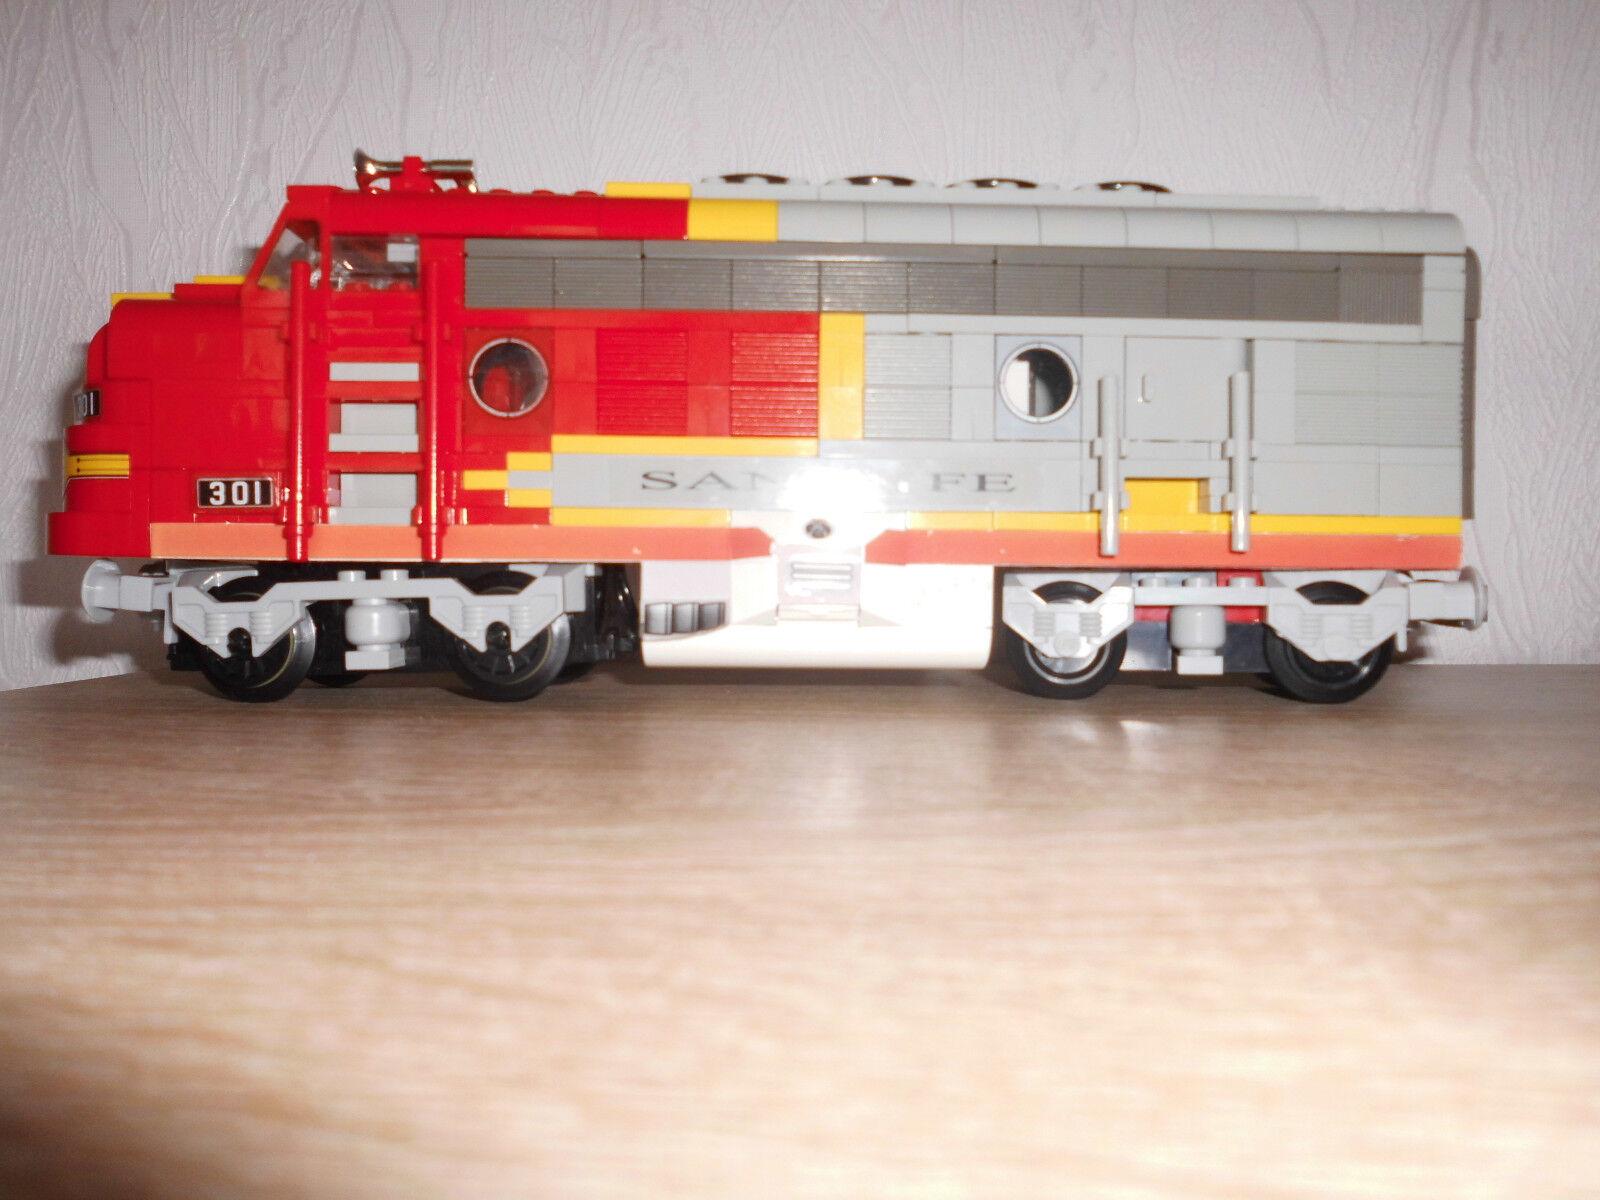 Lego  -Eisenbahn  10020 Santa Fe -Umbau auf RC ,mit Fernbedienung